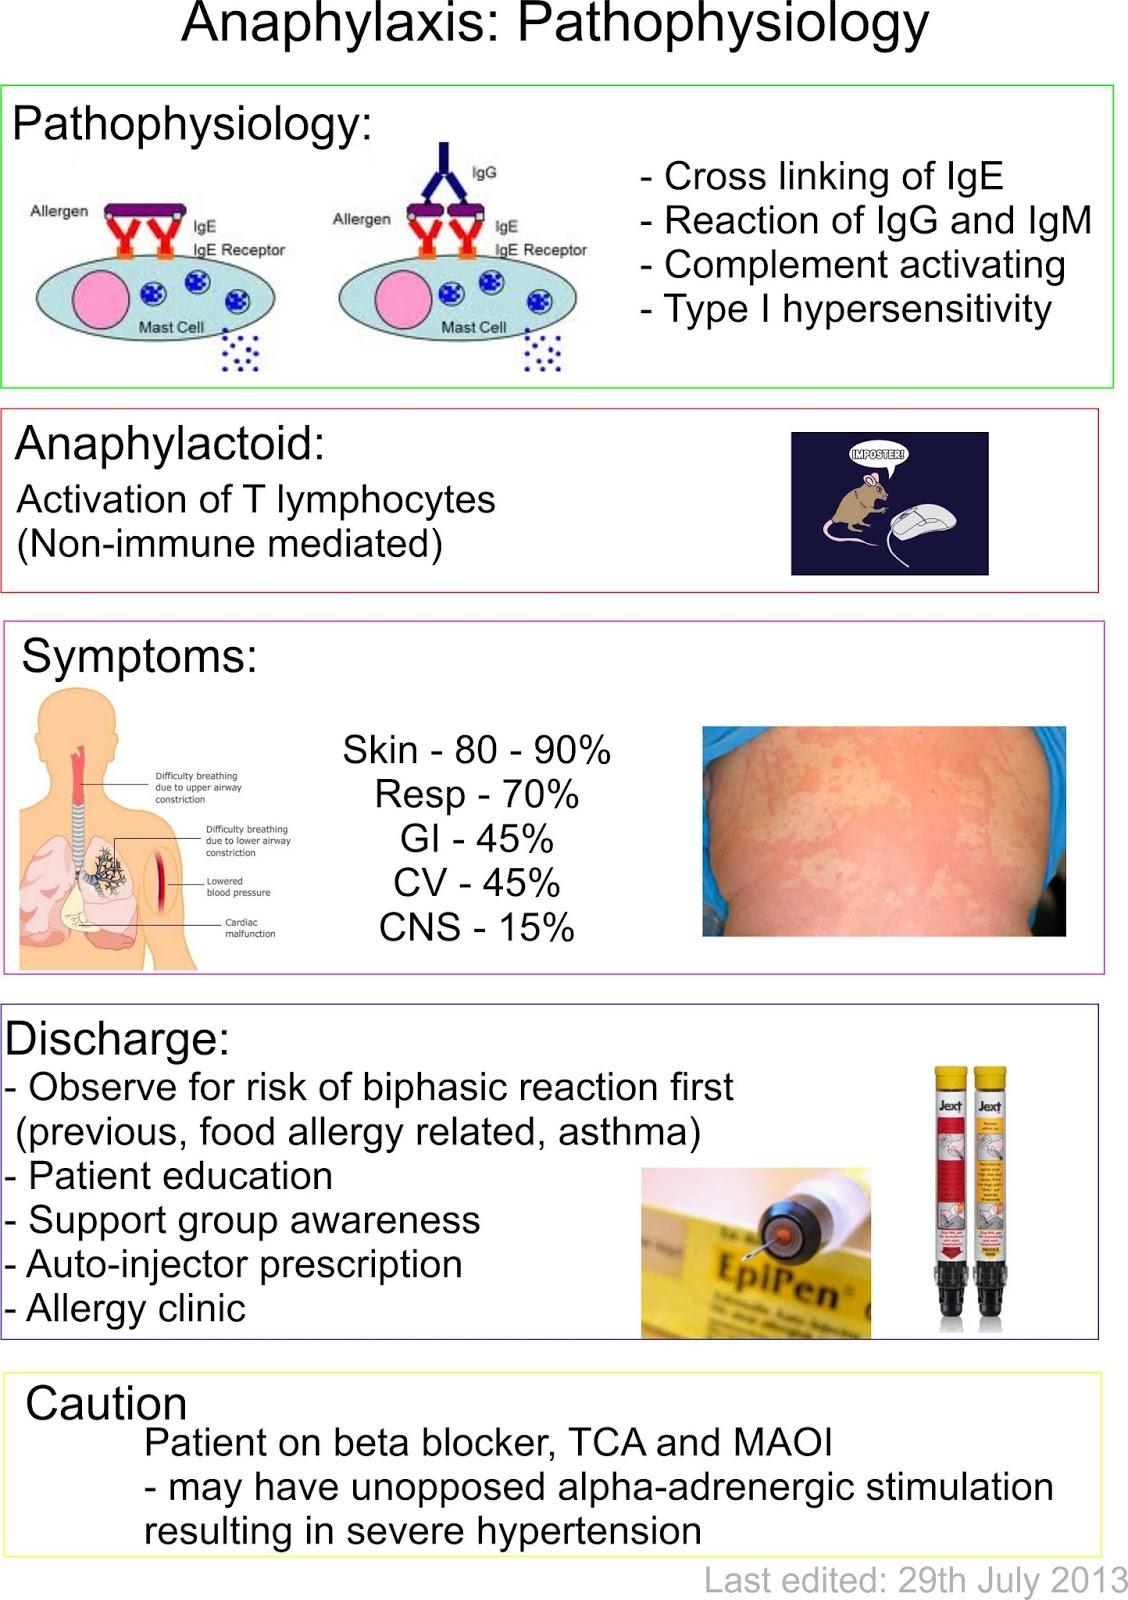 Anaphylaxis Pathophysiology Summary